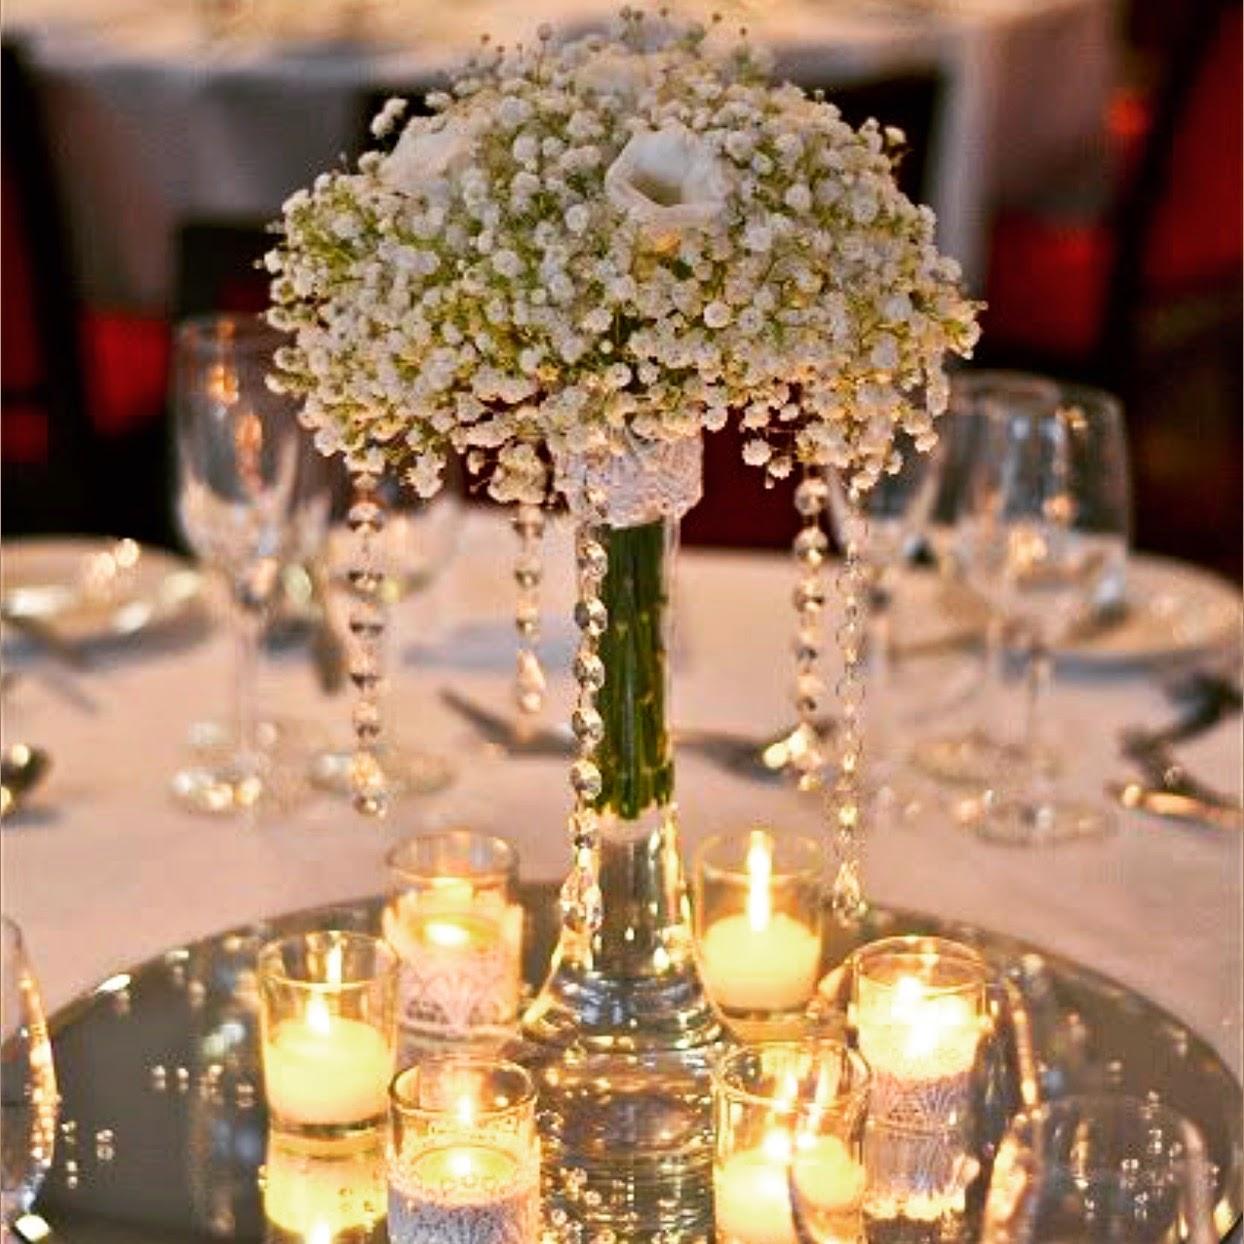 Famoso Idee Floreali per un Matrimonio Originale e di Stile, Idee Wedding  HZ51